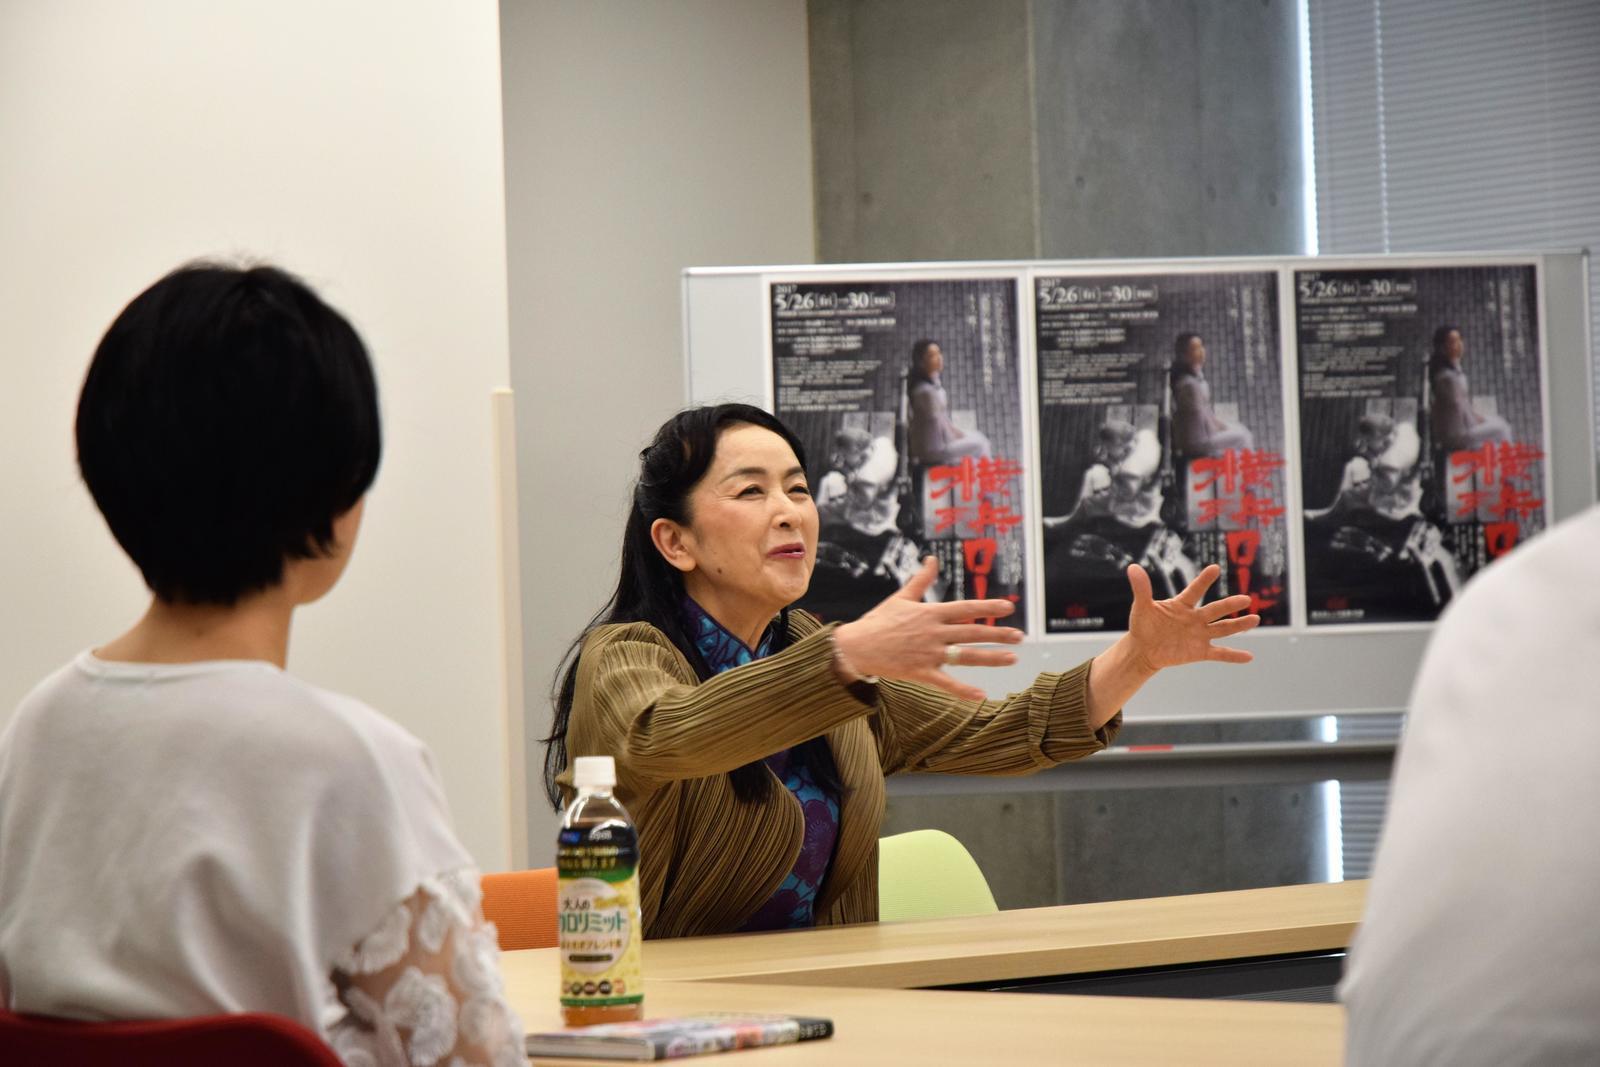 女優・五大路子さんと、関東学院大学の学生が 舞台「横浜ローザ」を通じて「戦争」や「平和」について考察します。 -- 5月10日(金)横浜・金沢八景キャンパス